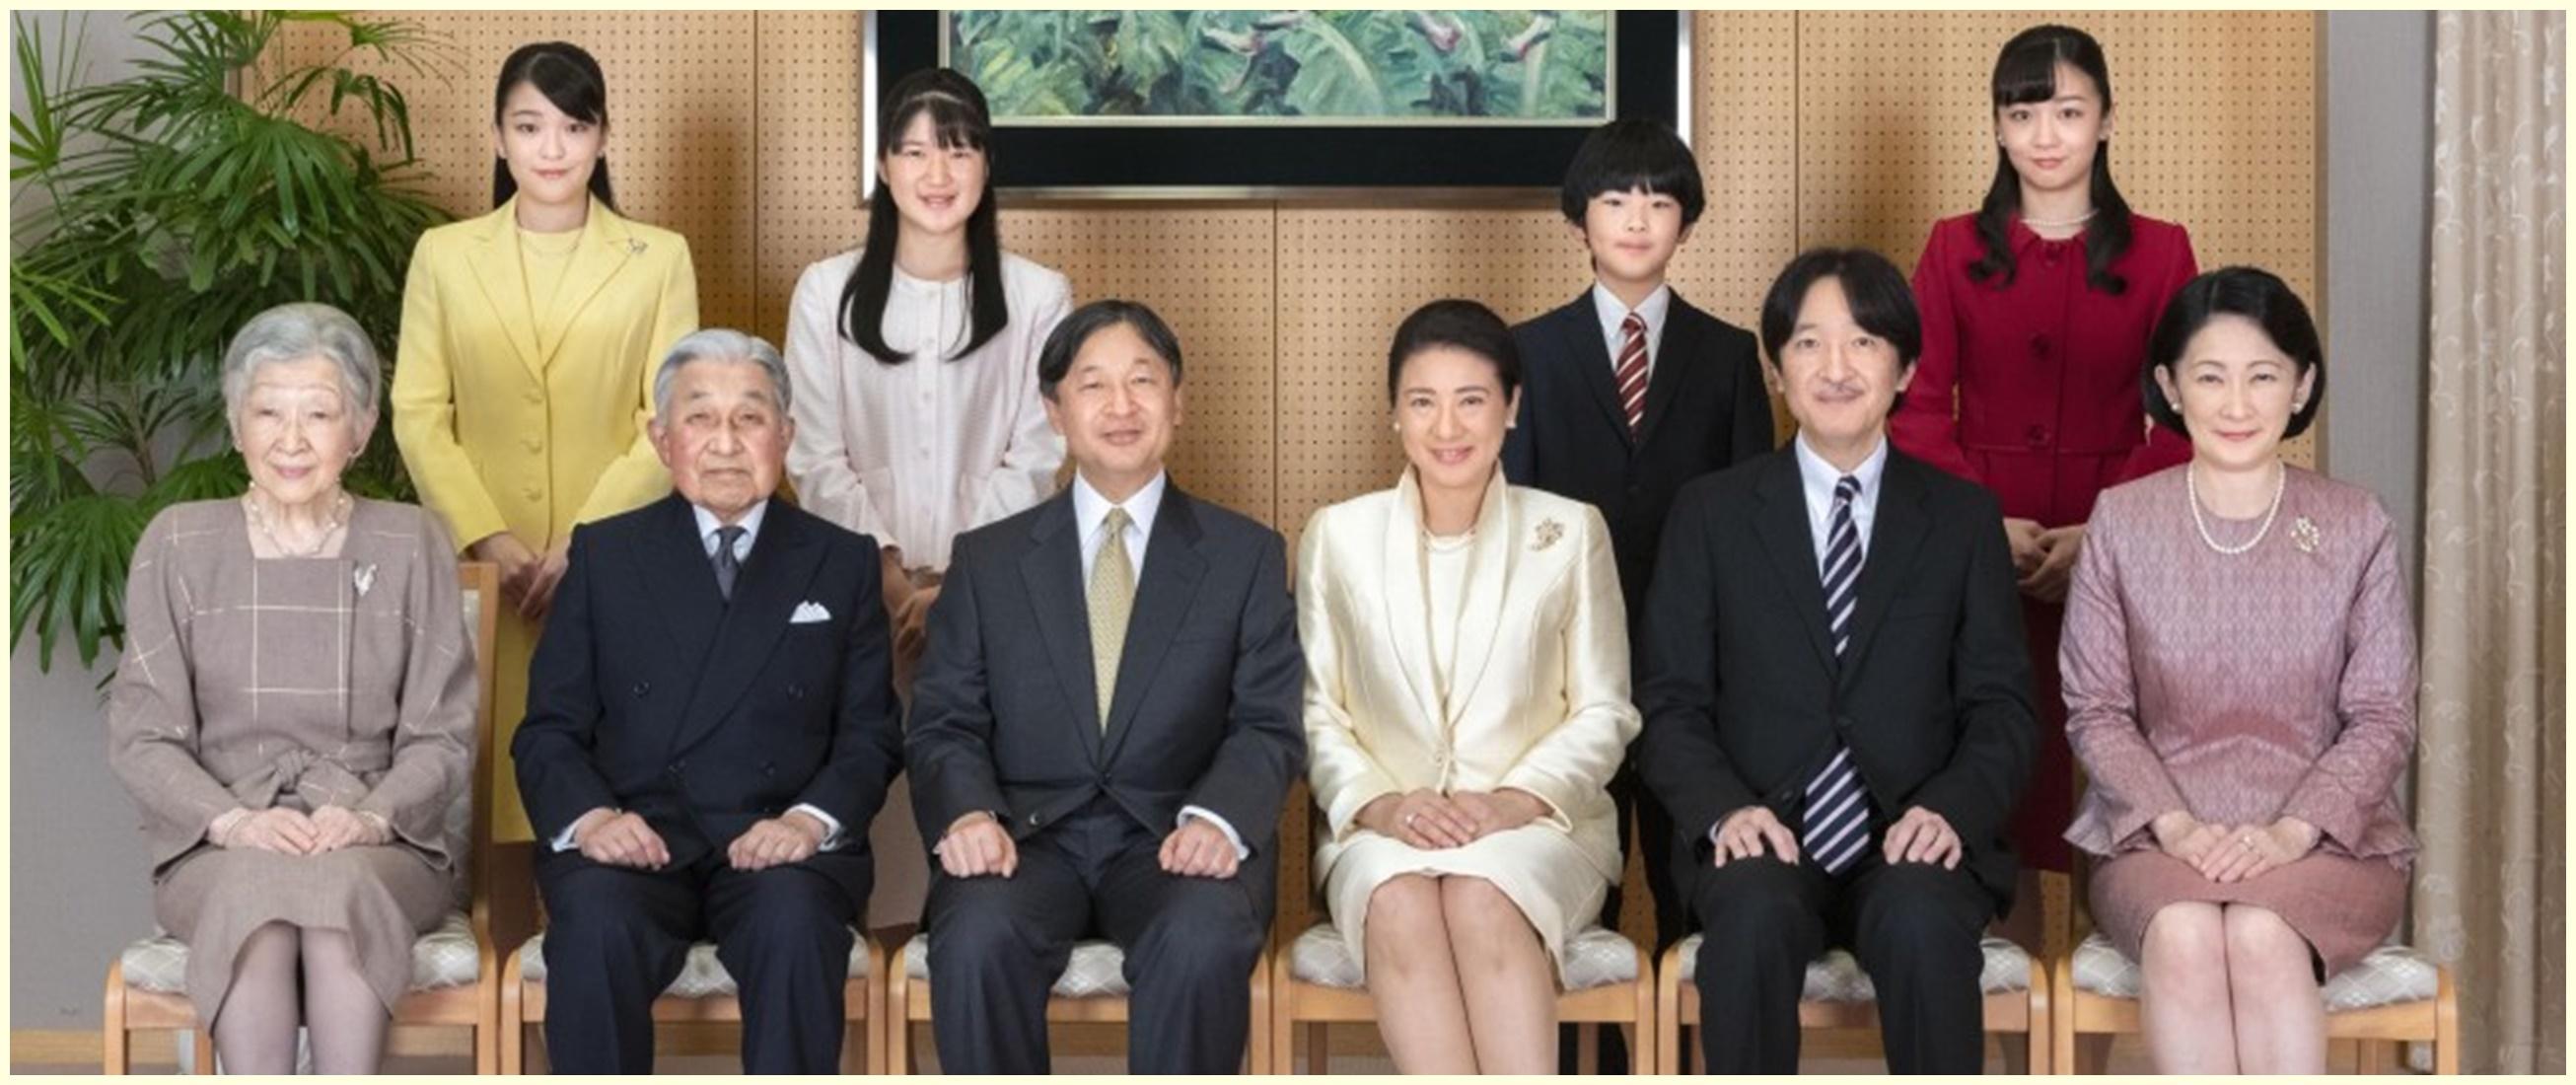 Kekurangan ahli waris, kekaisaran Jepang akan adopsi anak laki-laki